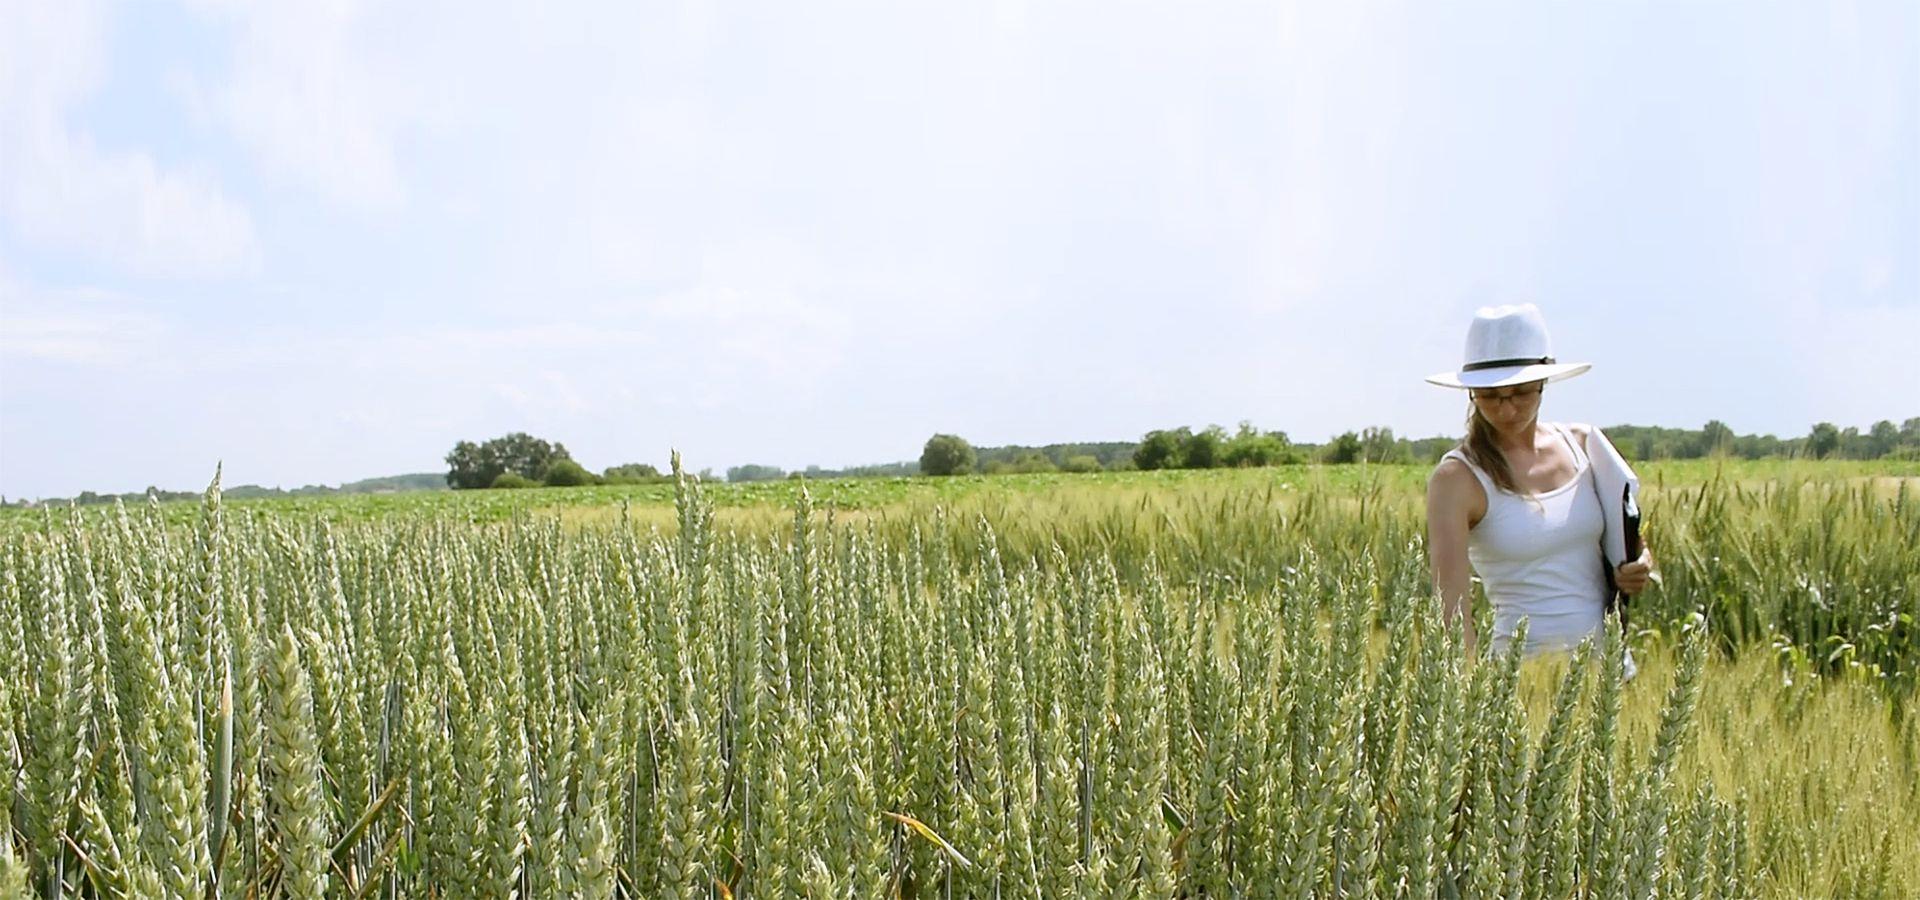 Őszi búza nitrogéntrágyázási kísérletek eredményei 2019. II.